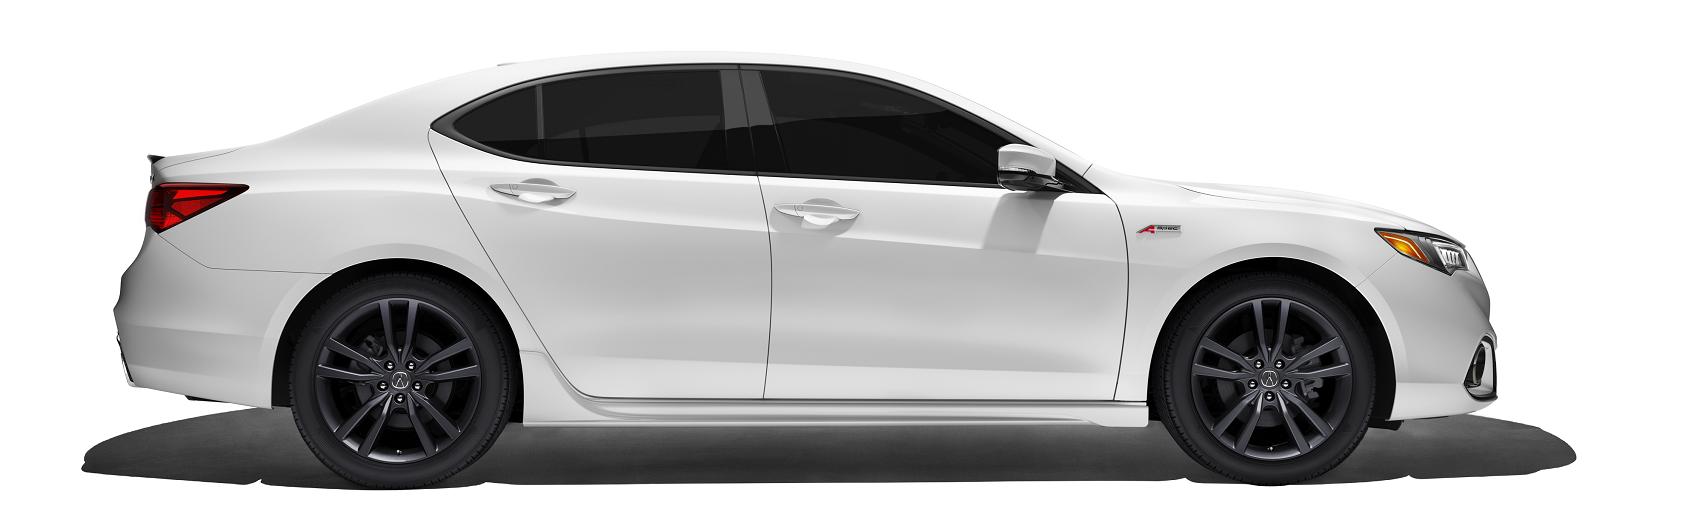 2019 Acura TLX Platinum White Pearl